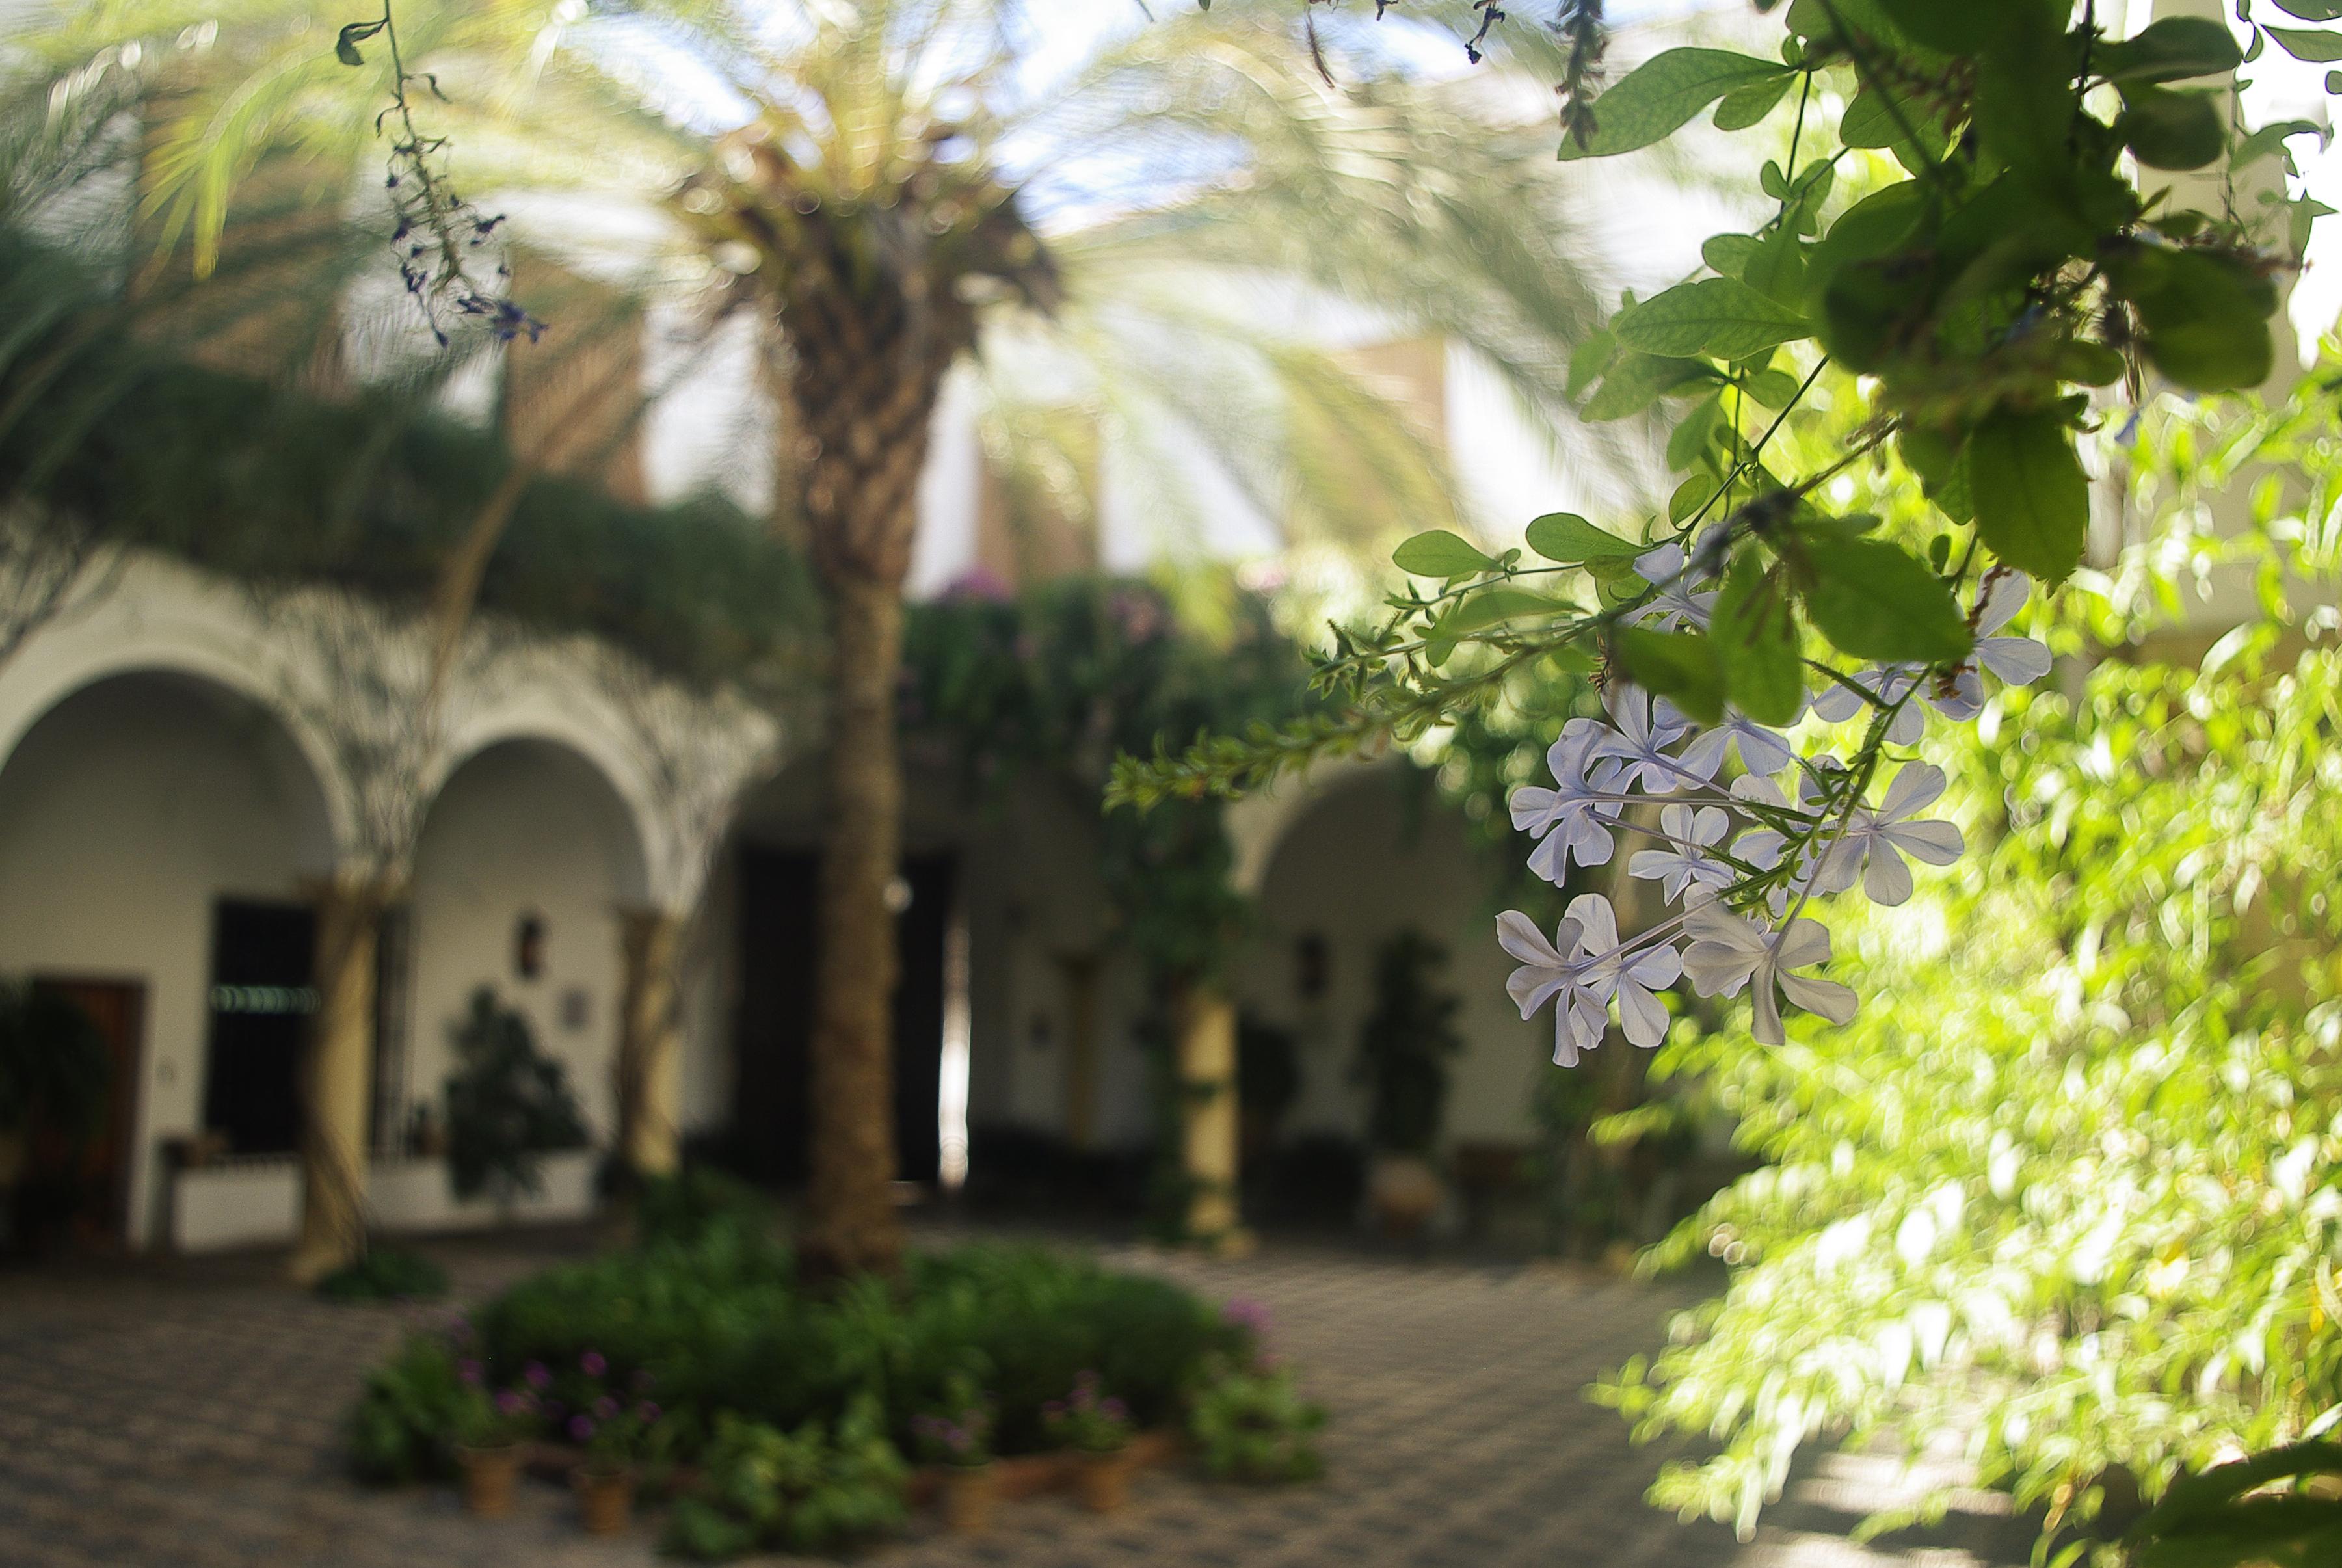 Spain cordoba viana palace patios chris bladon